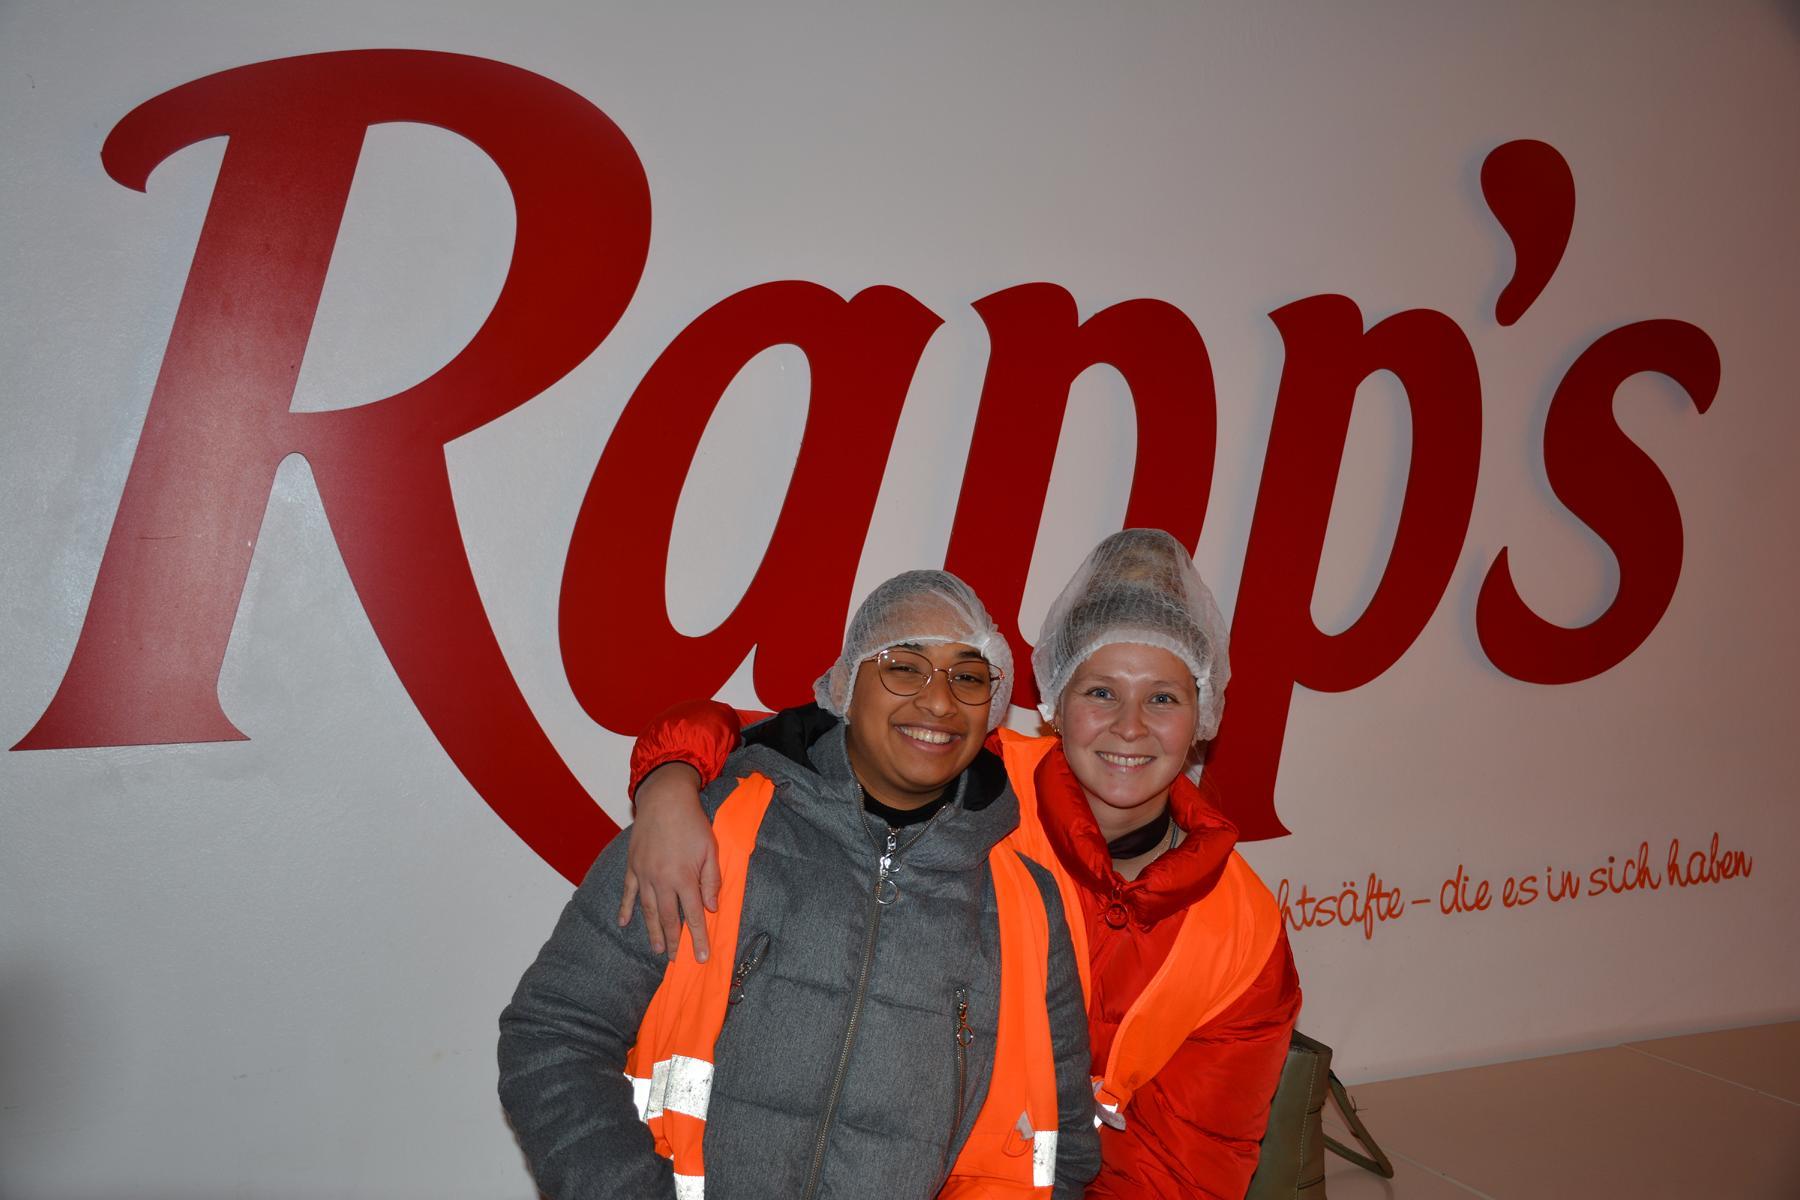 Visita a la empresa Rapp's, tema procesos de producción